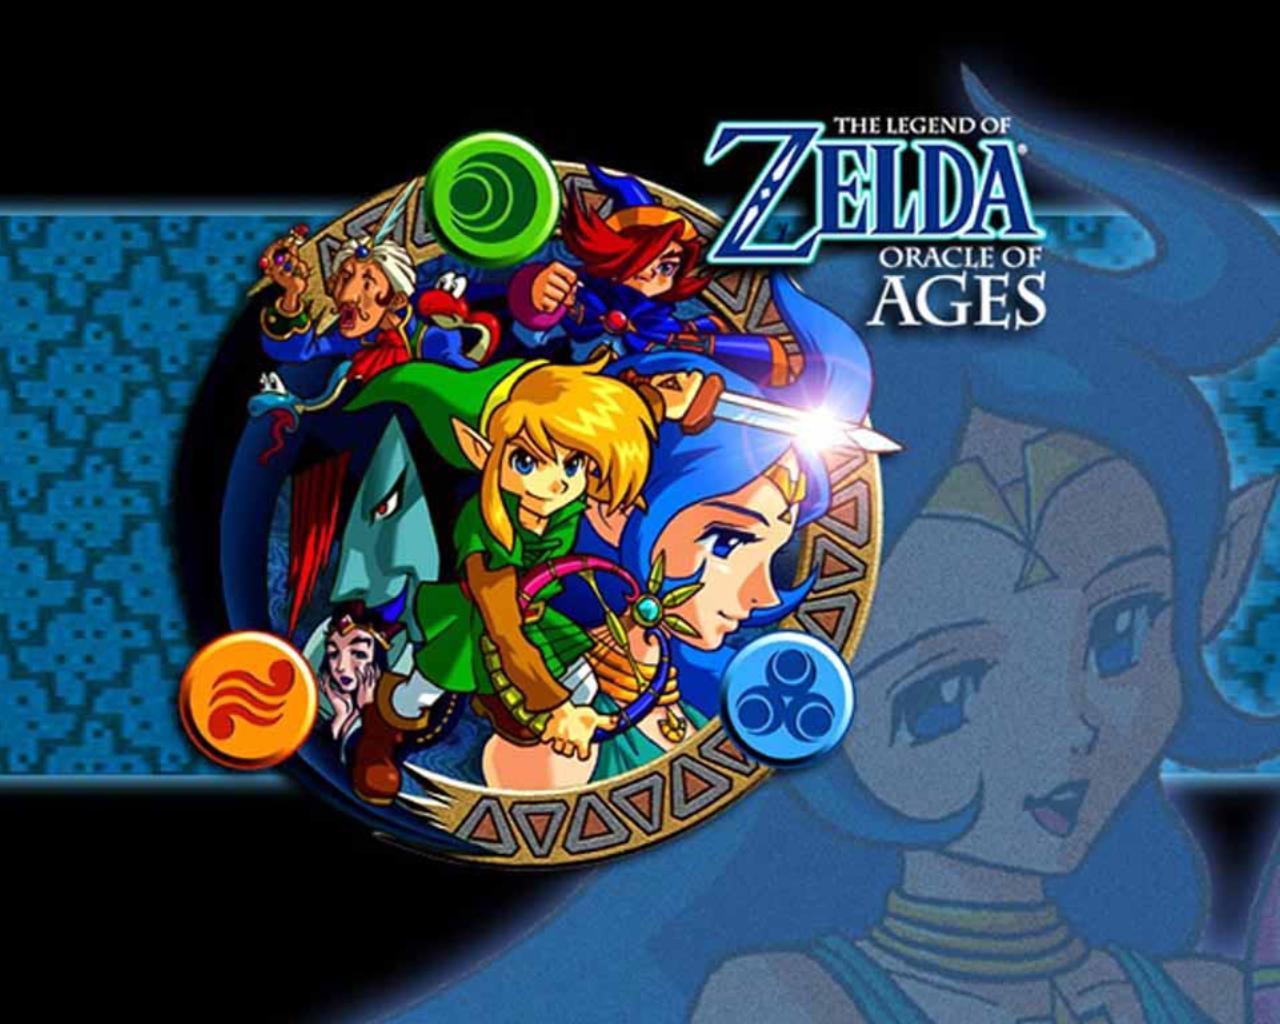 Game boy color legend of zelda - Oracles Of Ages Wallpaper